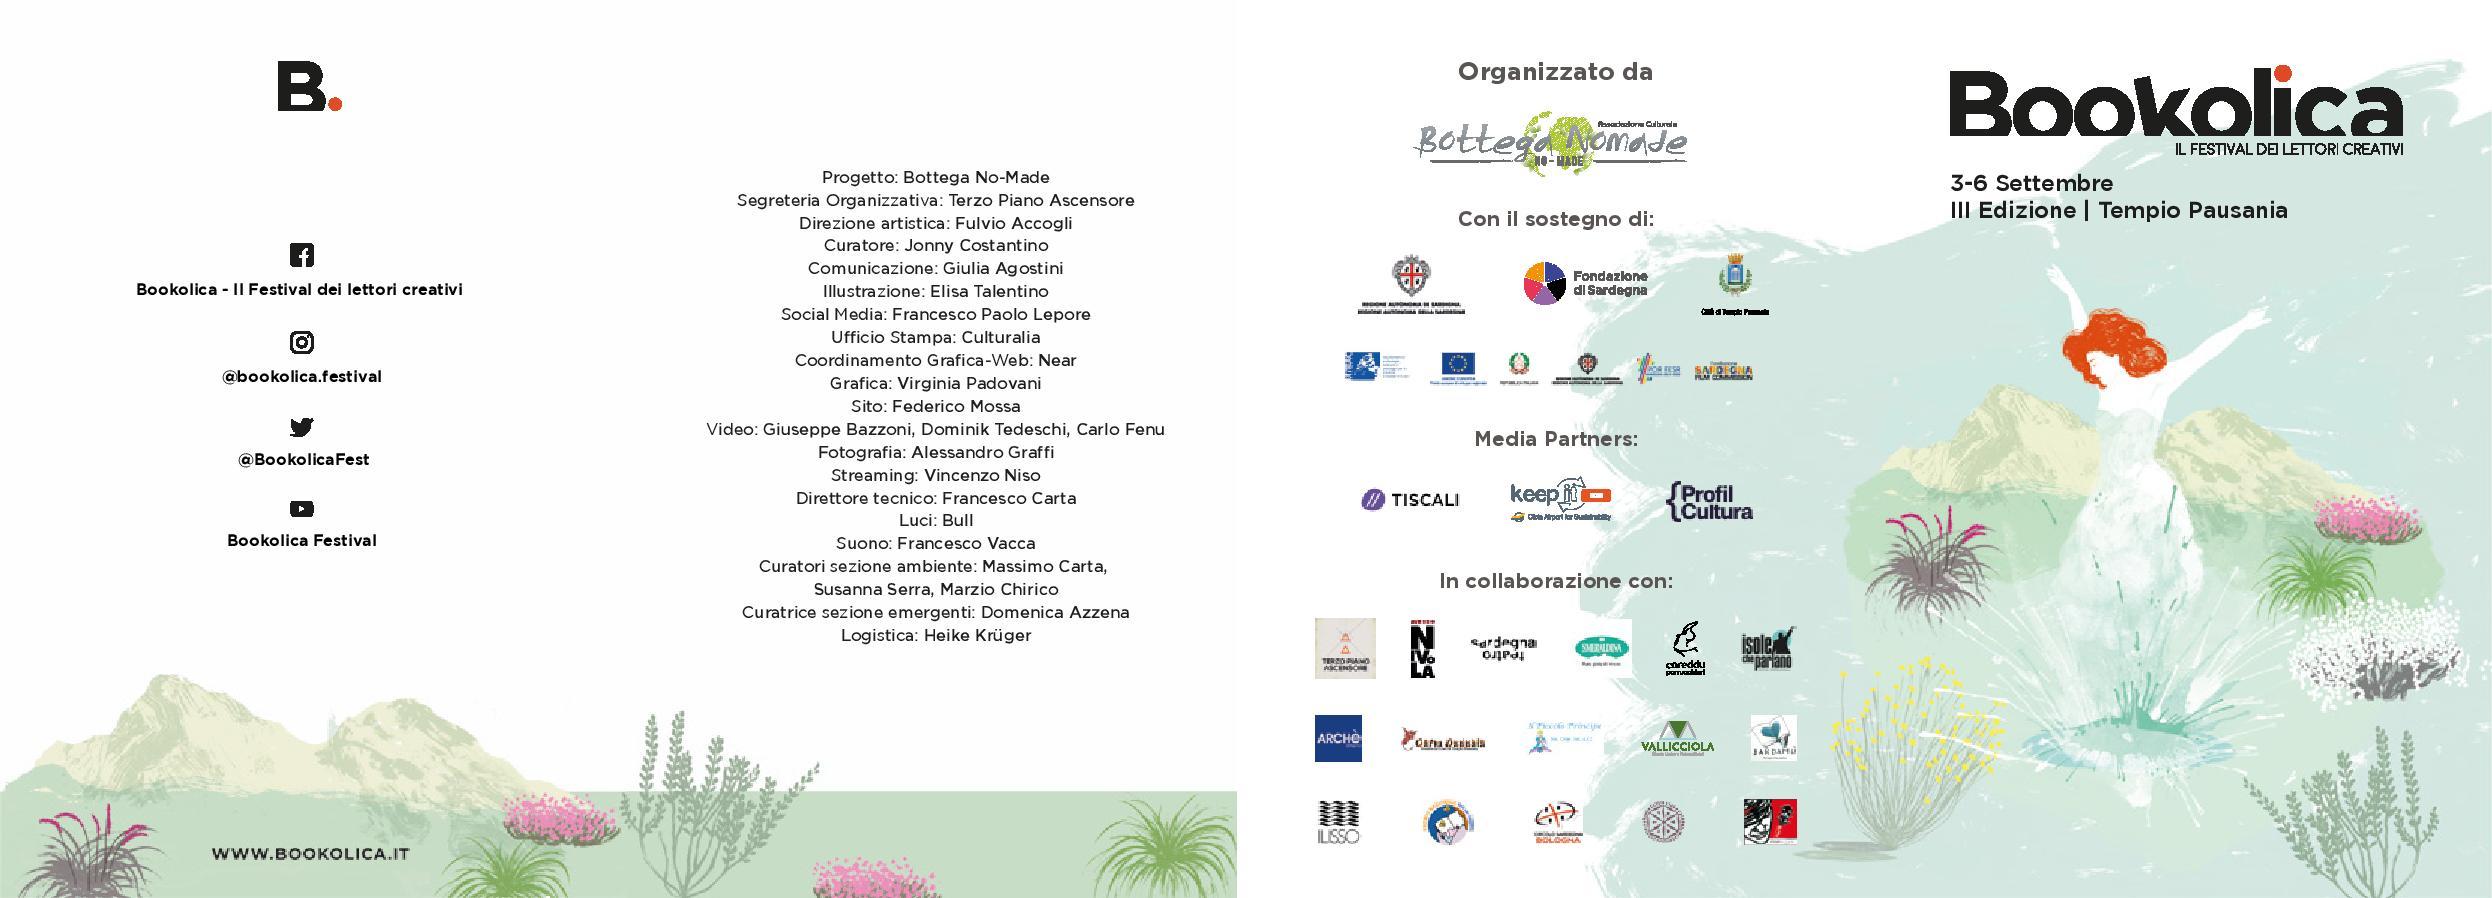 Programma_Bookolica_2020_Definitivo_web_5-page-001